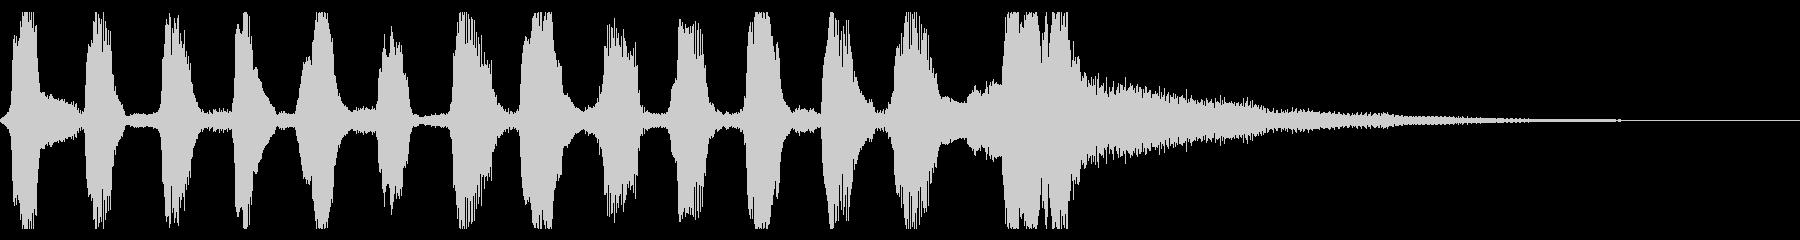 明るいリコーダーとピアニカのジングルの未再生の波形